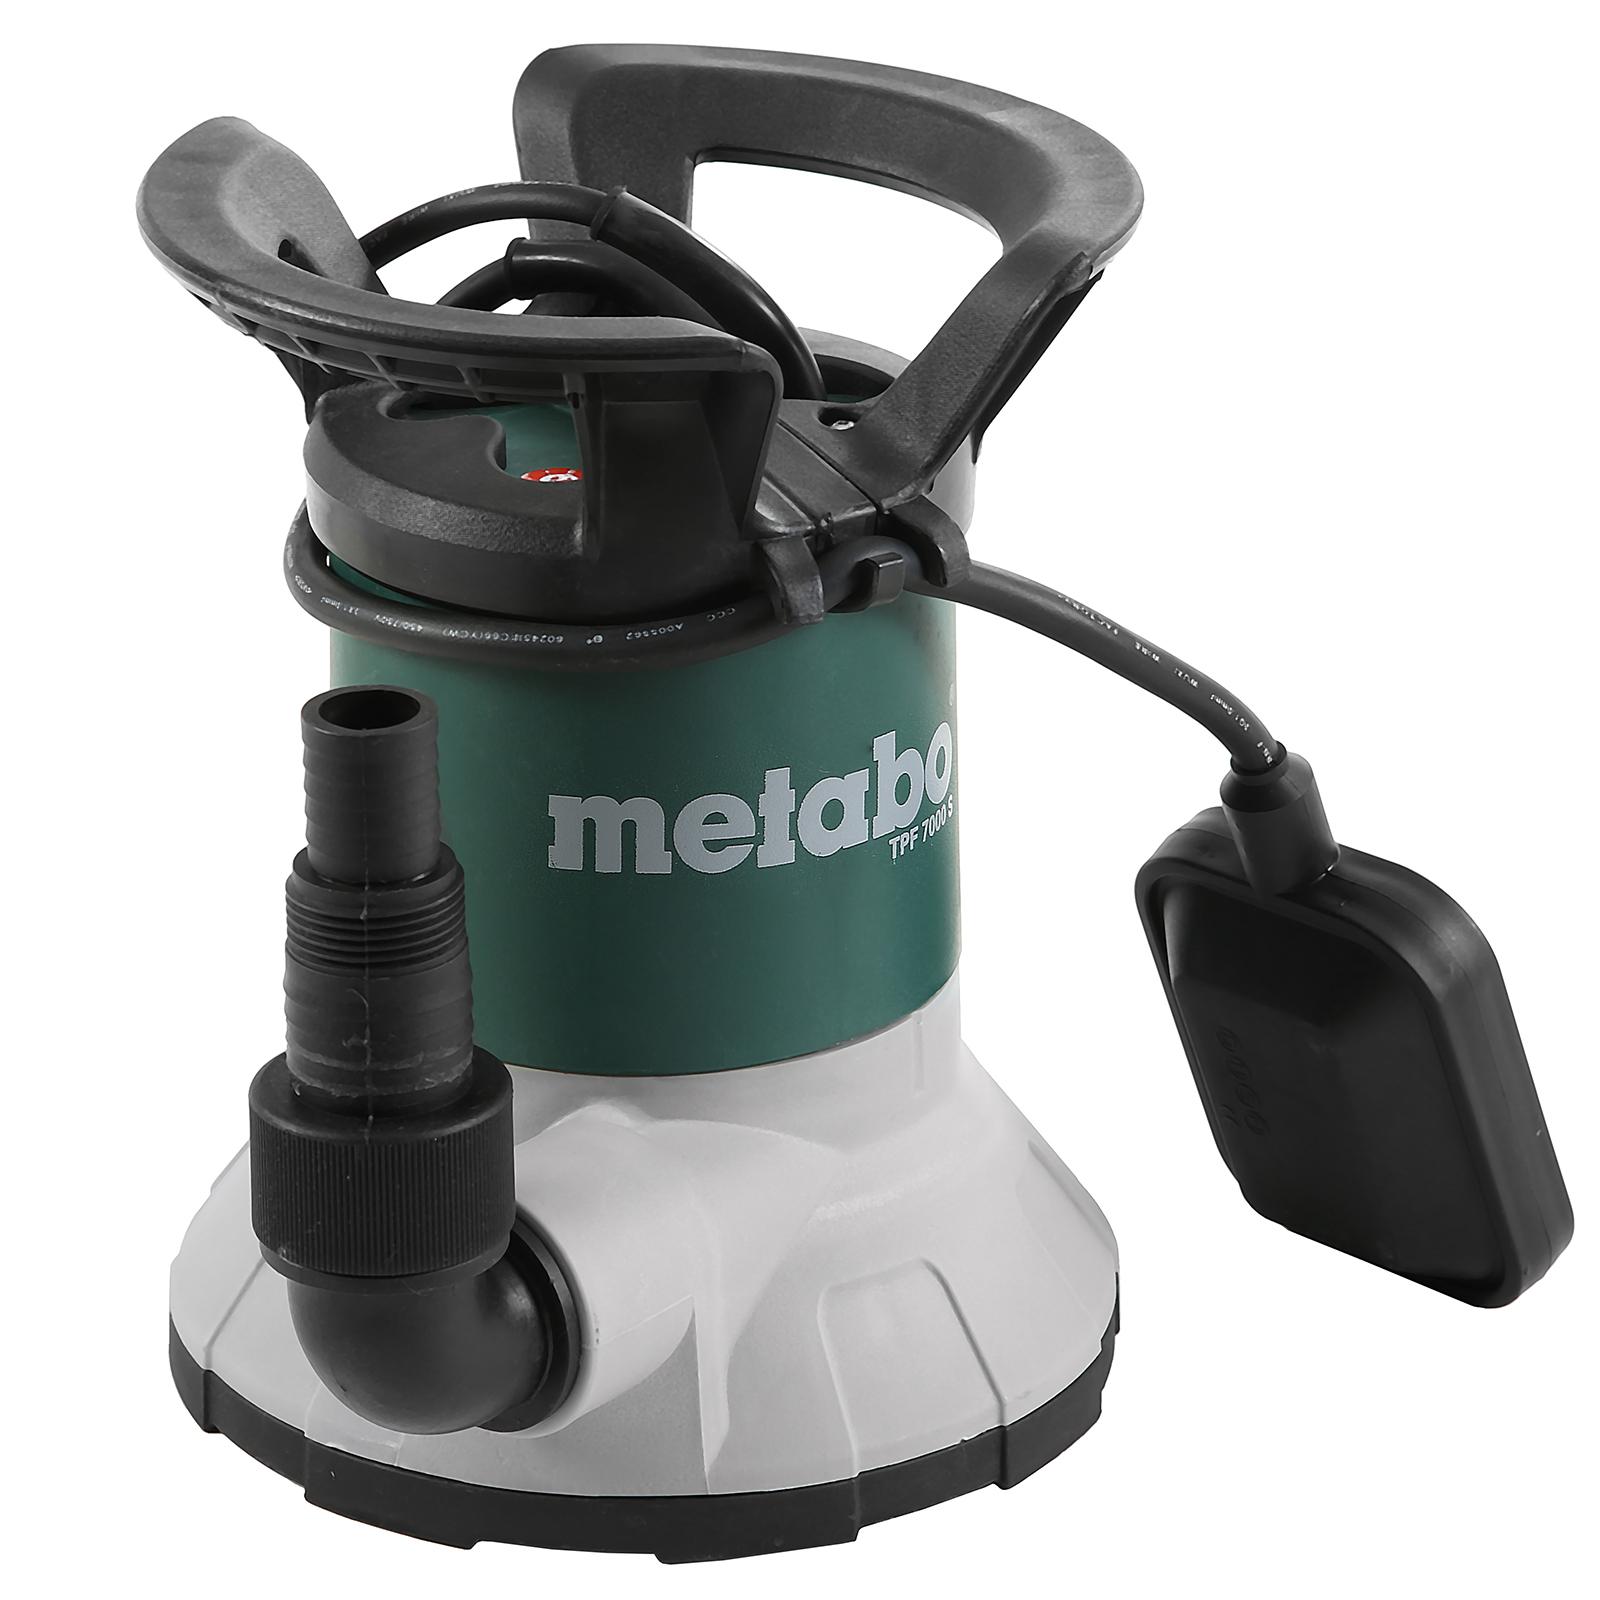 Дренажный насос Metabo Tpf 7000 s (250800002) насос погружной metabo sp 28 50 s inox